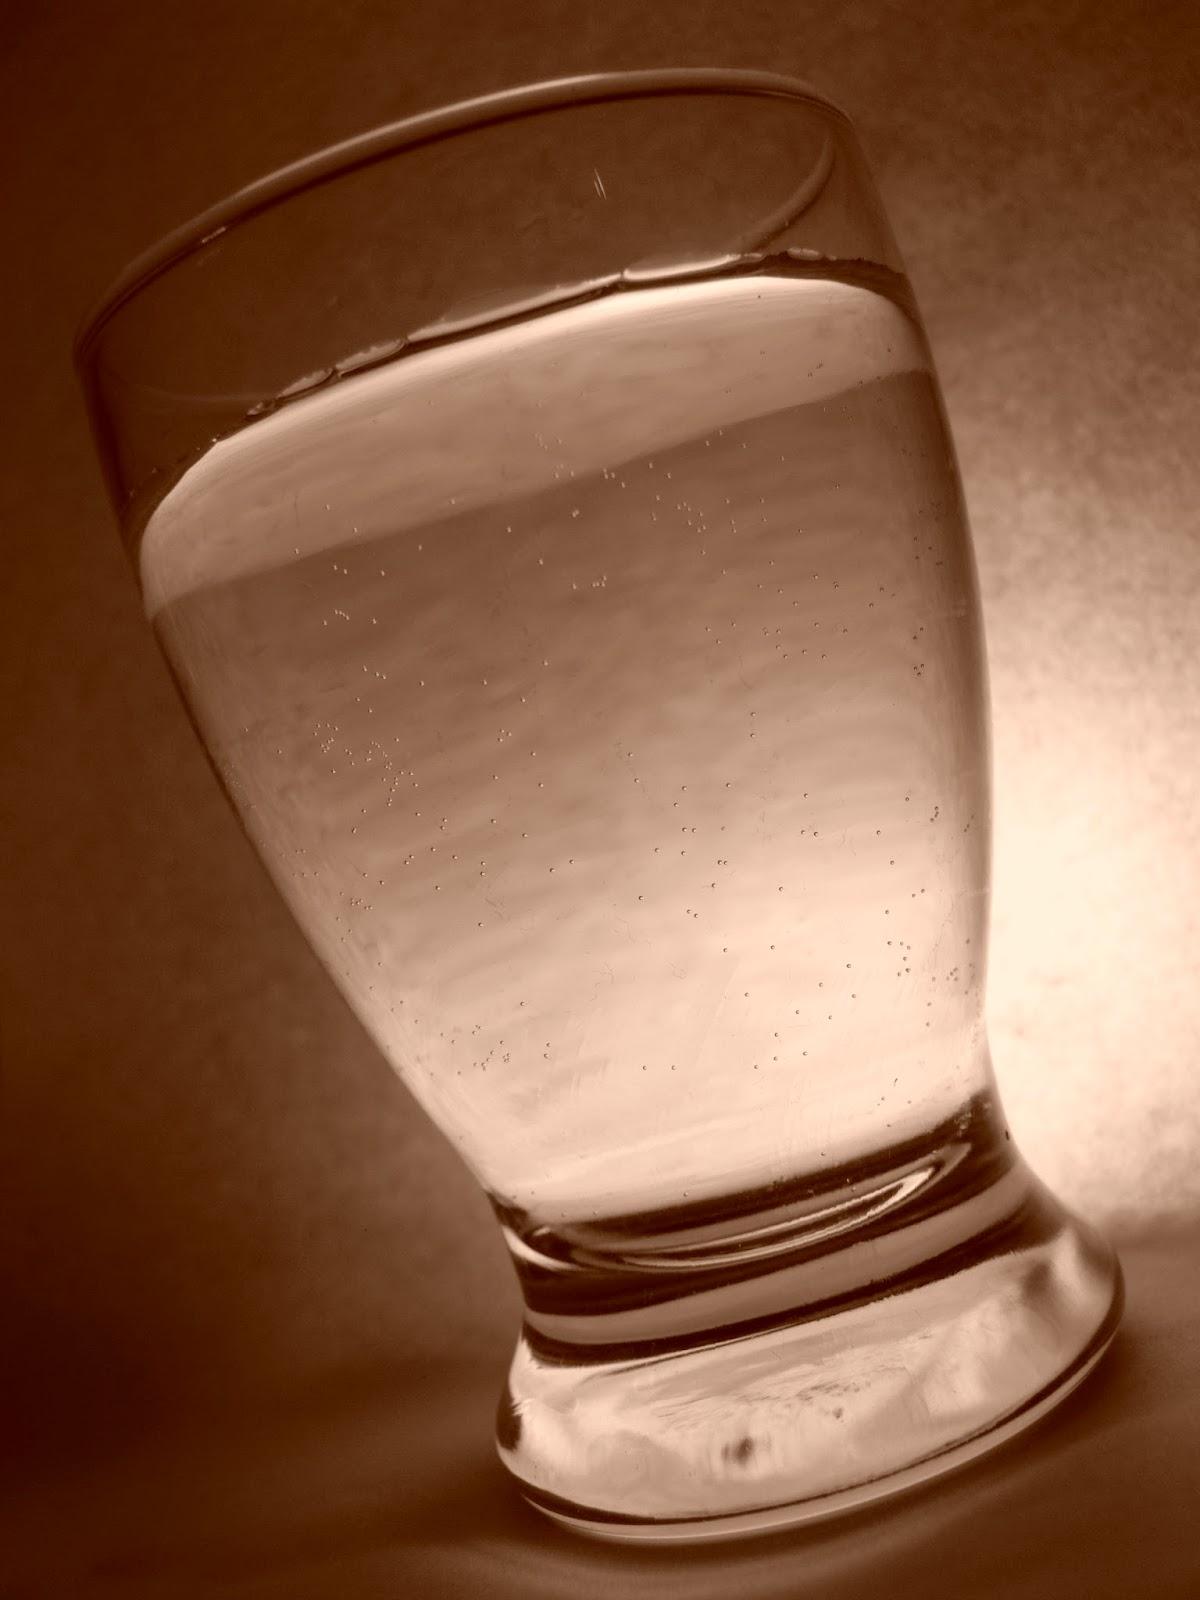 Manfaat minum air putih di pagi hari bagi kesehatan